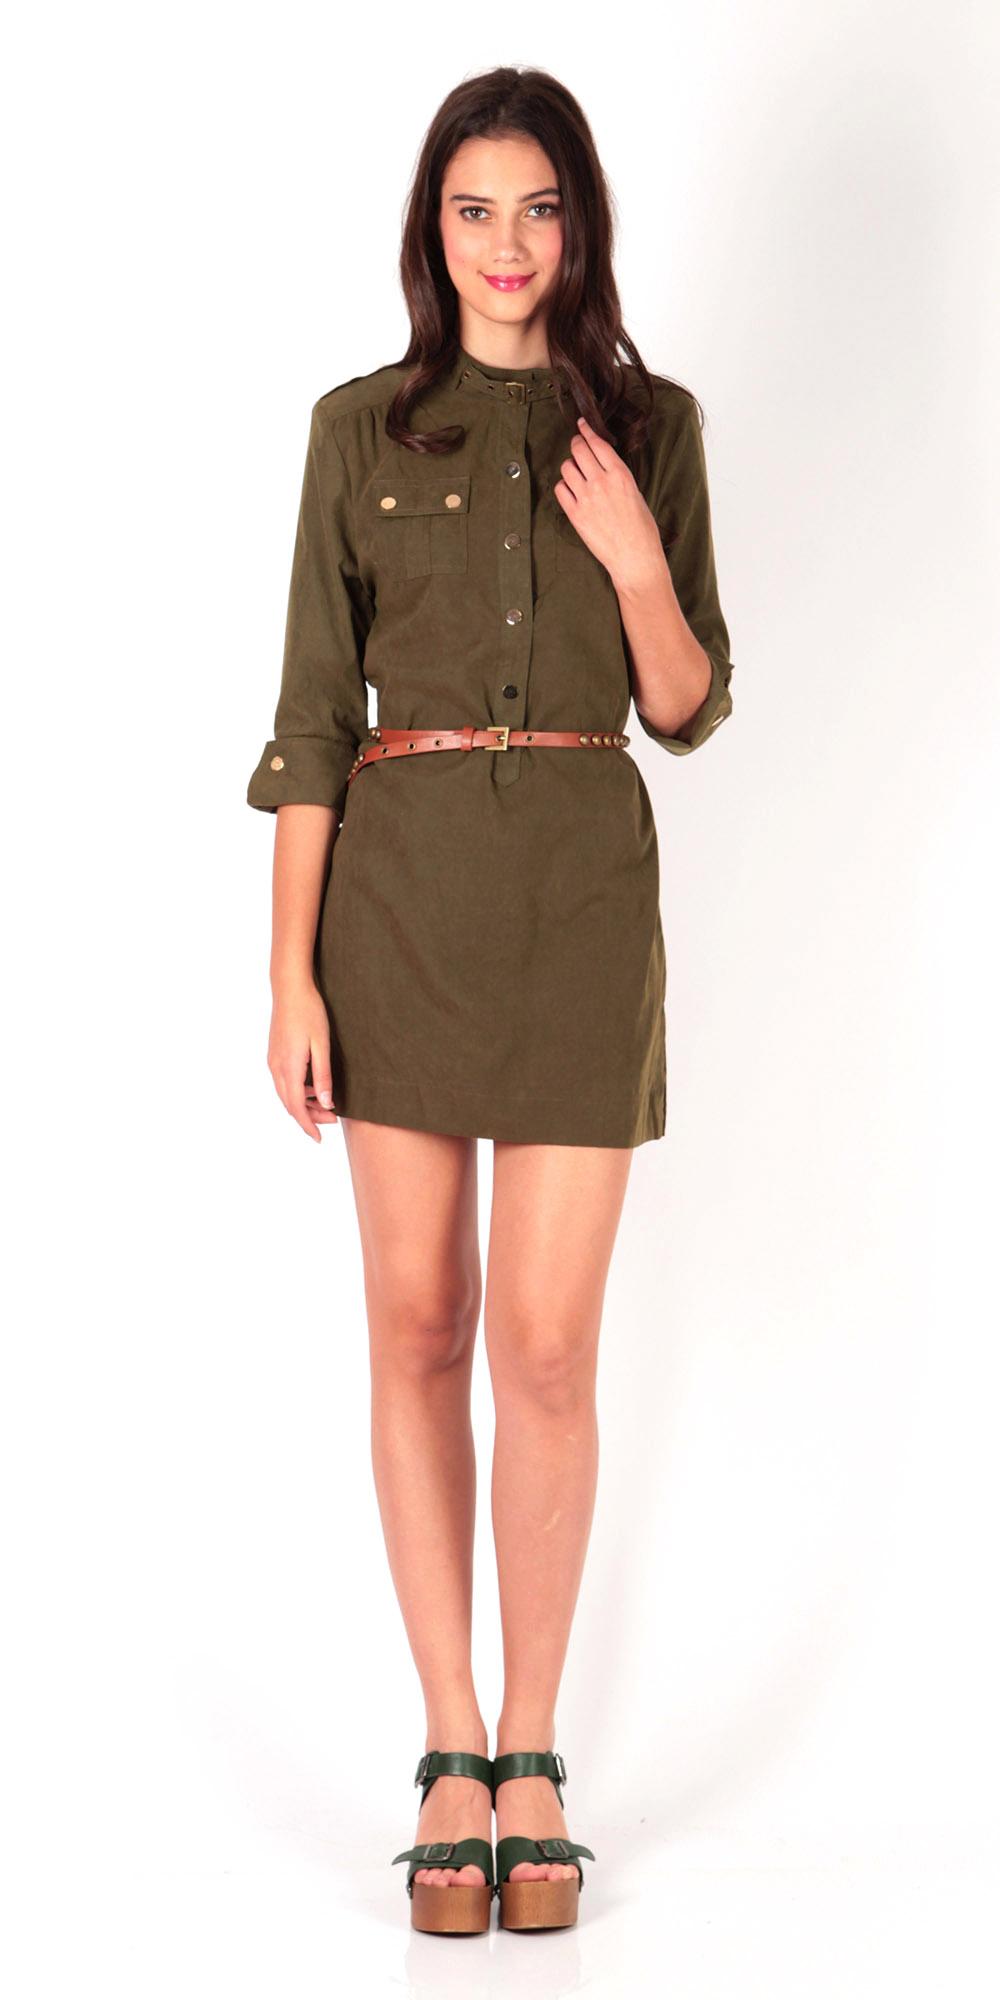 d7b14f8a119 Safari Shirt Dress w Belt (Army Green)